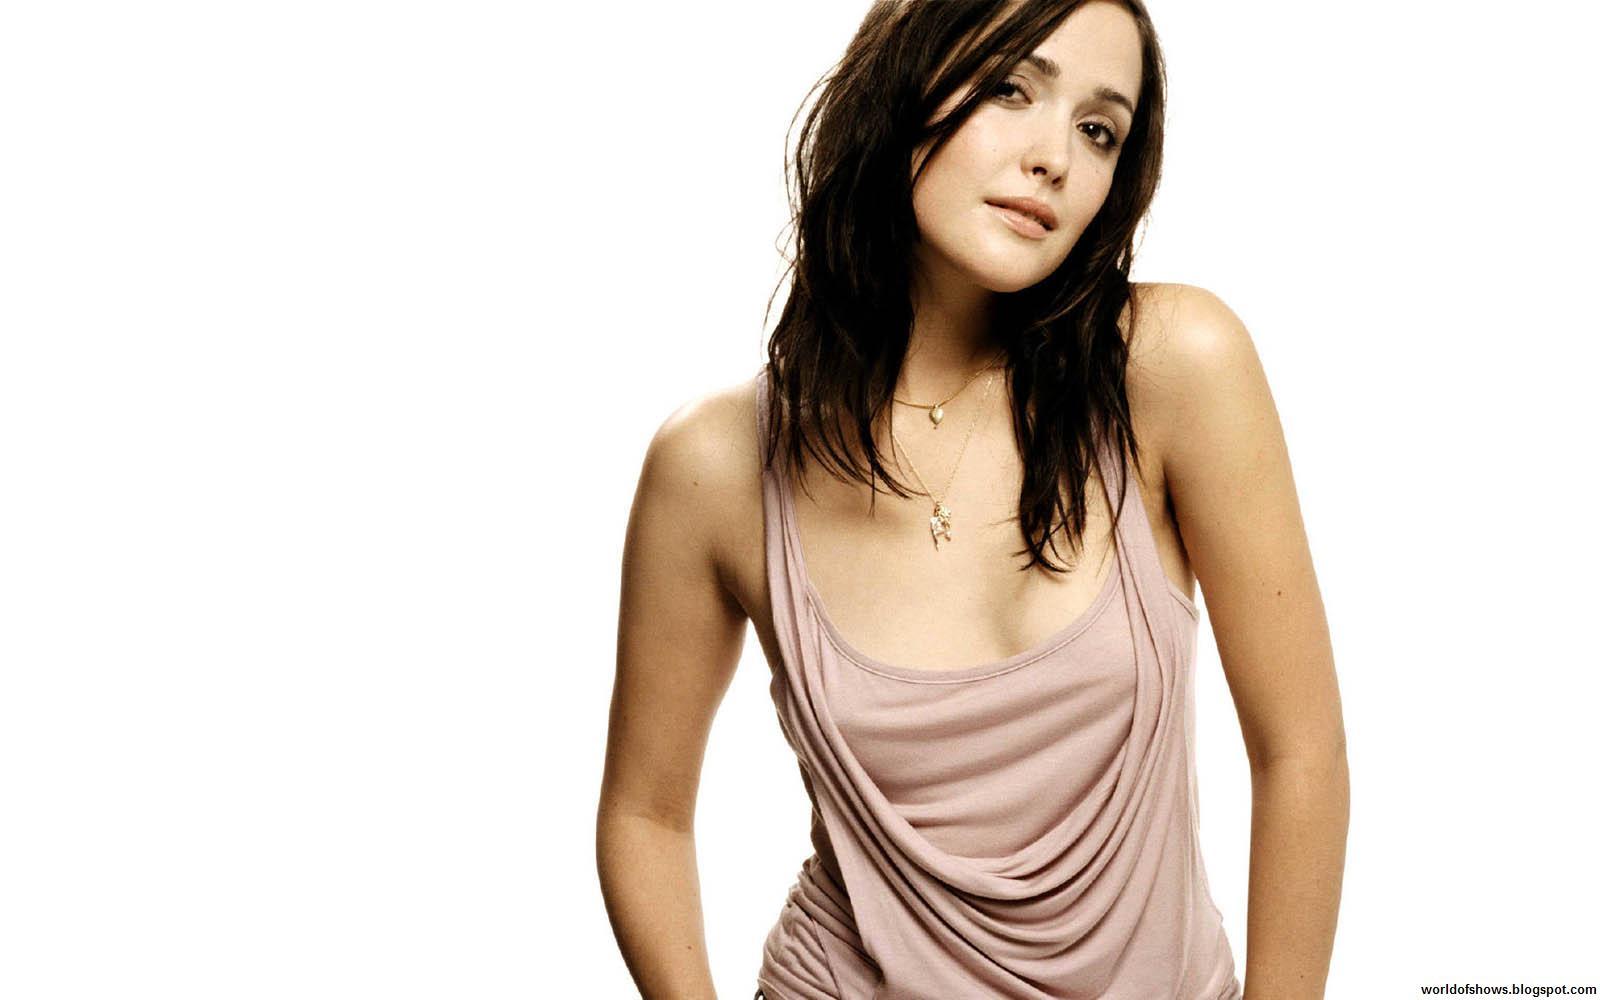 http://1.bp.blogspot.com/-SkkN4hDSfr4/T_7Vjo5A5KI/AAAAAAAAGyc/fGhHXaybrCk/s1600/Rose_Byrne_Beautiful_And_Sexy_Australian_Actress_First_Class_Lady_Hd_Desktop_Wallpaper_worldofshows.blogspot.com.jpg